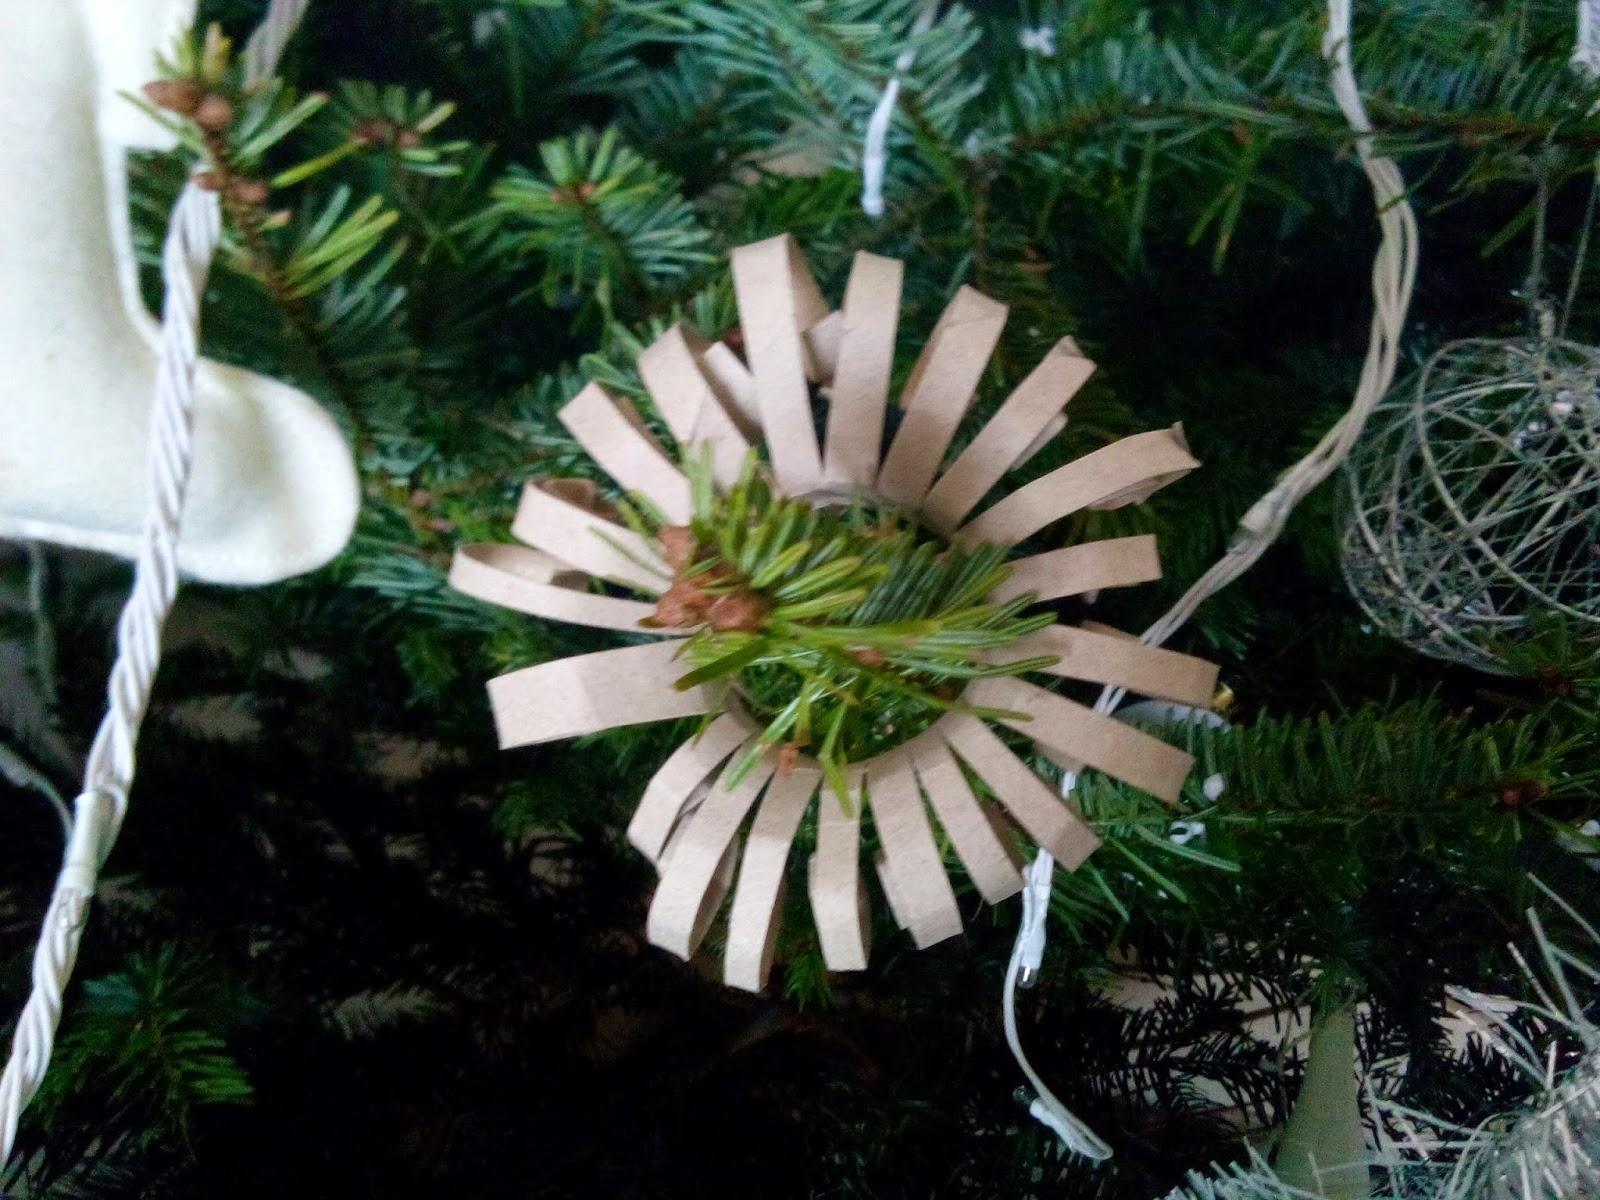 #614B34 Maman .je Sais Pas Quoi Faire ! ! ! : Déco De Noël  5647 idée déco noel avec rouleau papier toilette 1600x1200 px @ aertt.com